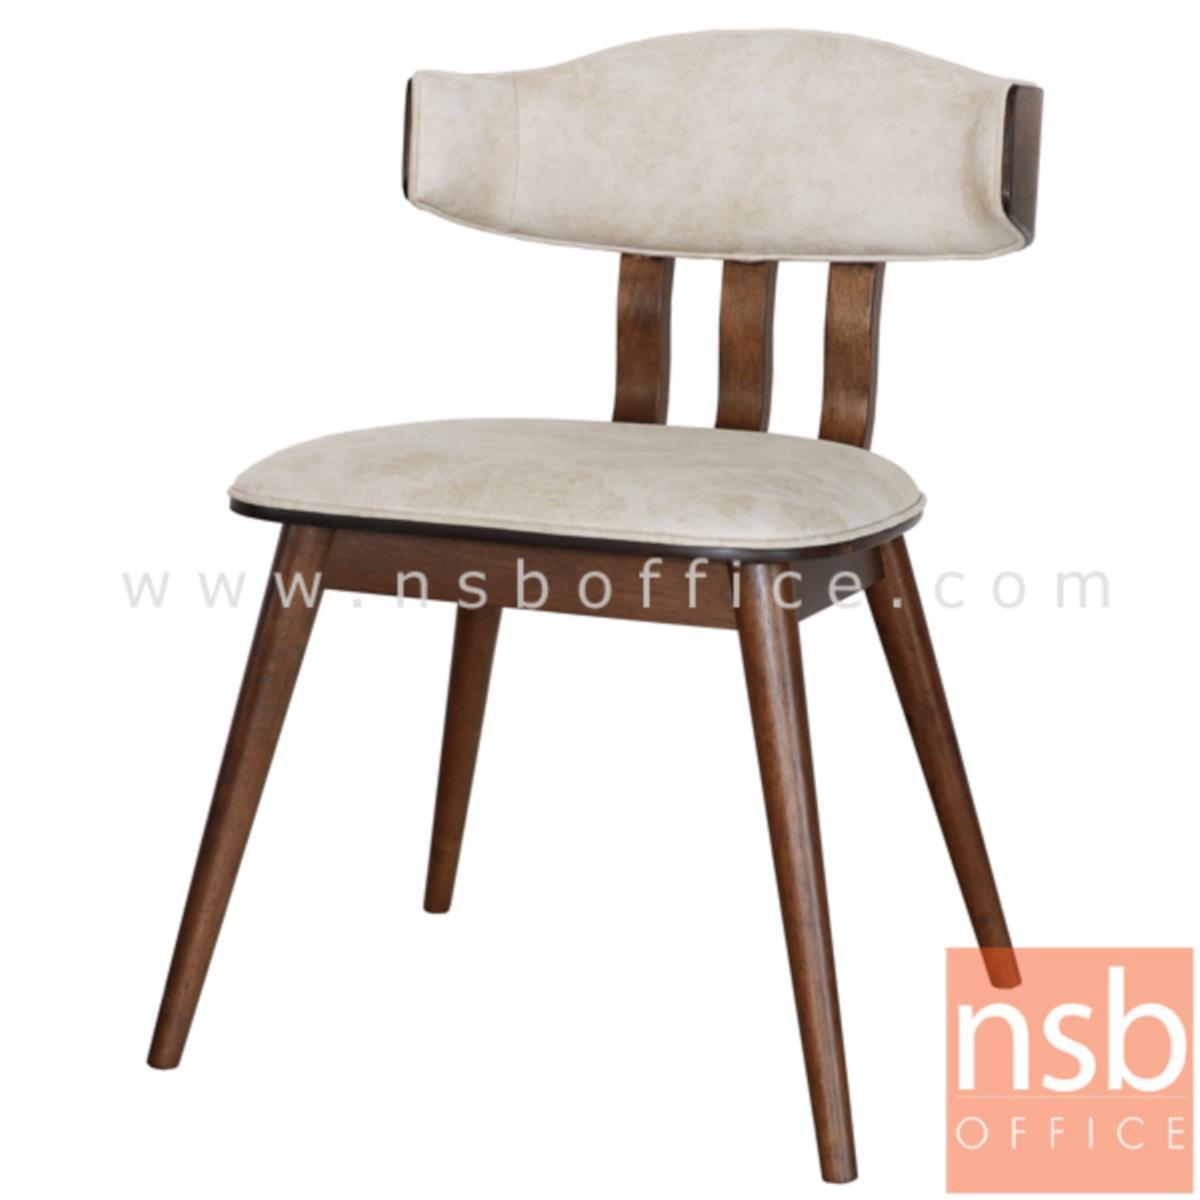 B22A125:เก้าอี้ไม้ที่นั่งหุ้มหนังเทียมหรือหุ้มผ้า รุ่น EVERREY-FIX ขาไม้